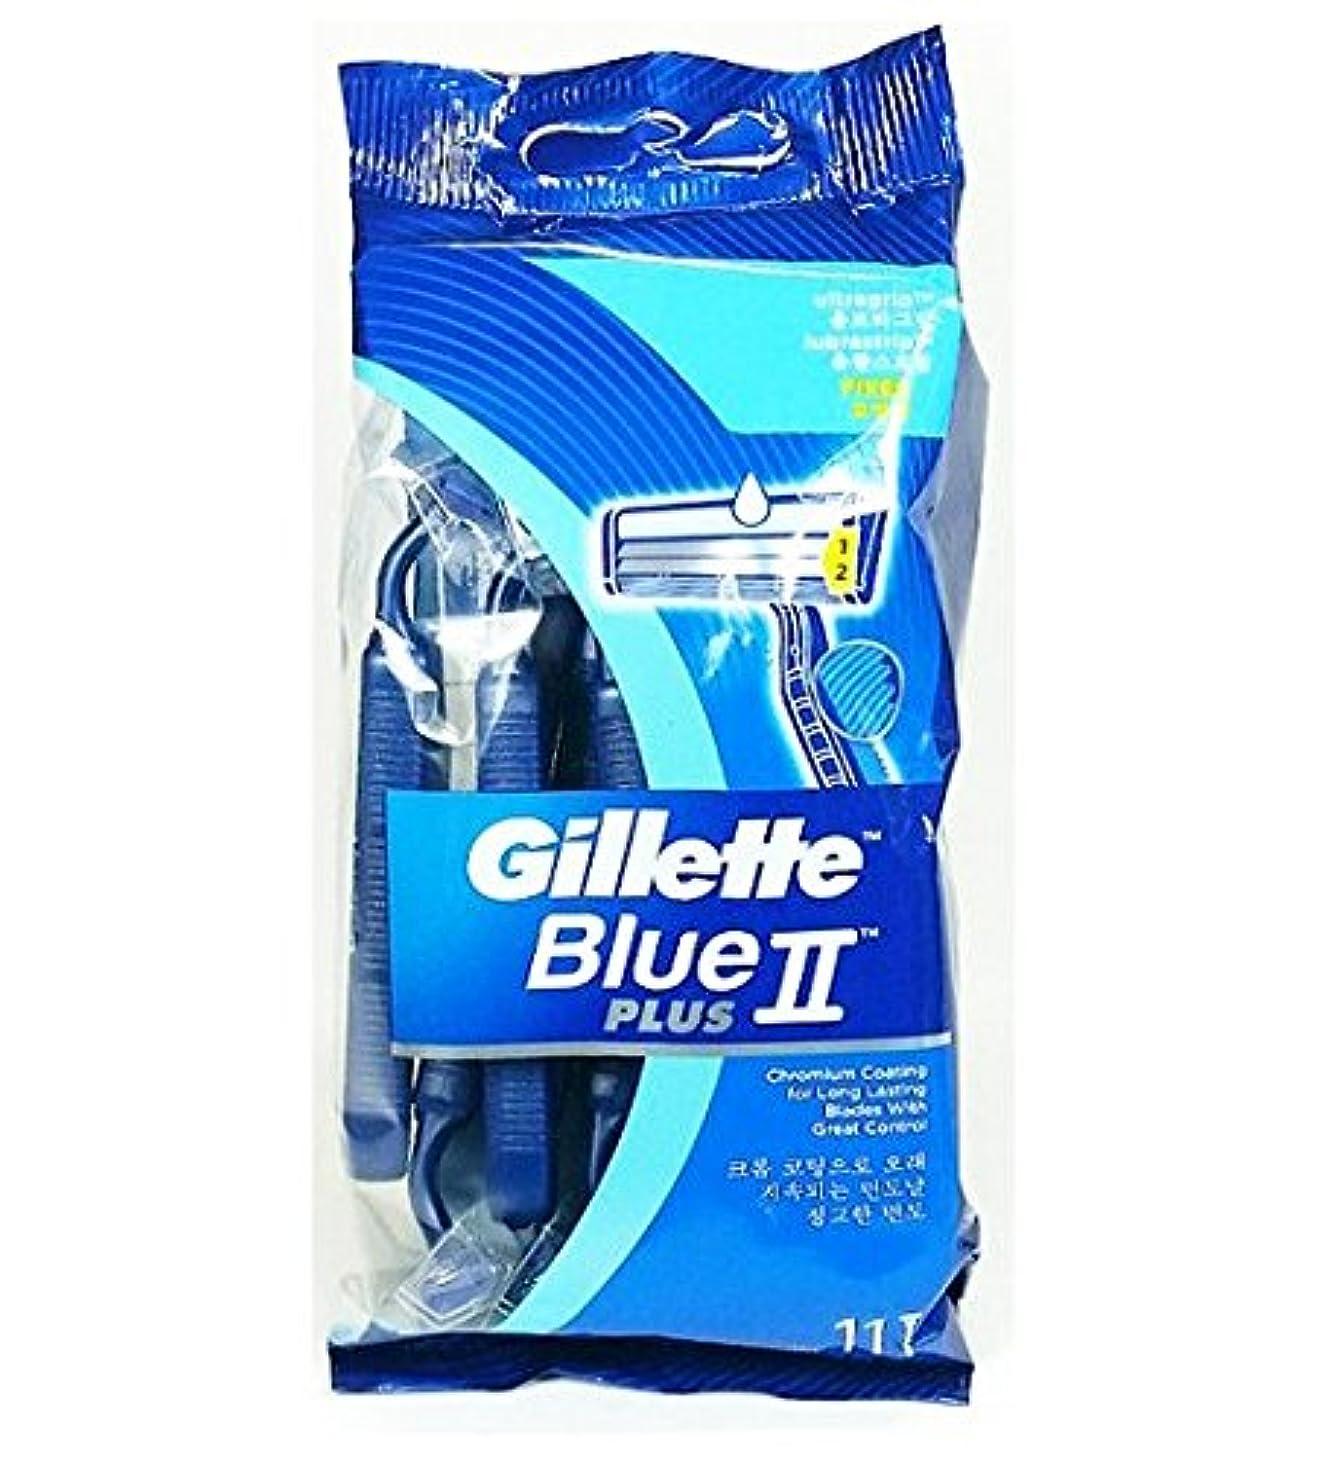 くるみ砂漠はず[ジレット]ジレットブルーII使い捨てシェービングかみそり(11個) Gillette Blue II Disposable Shaving Razors (11 Pieces) [並行輸入品]